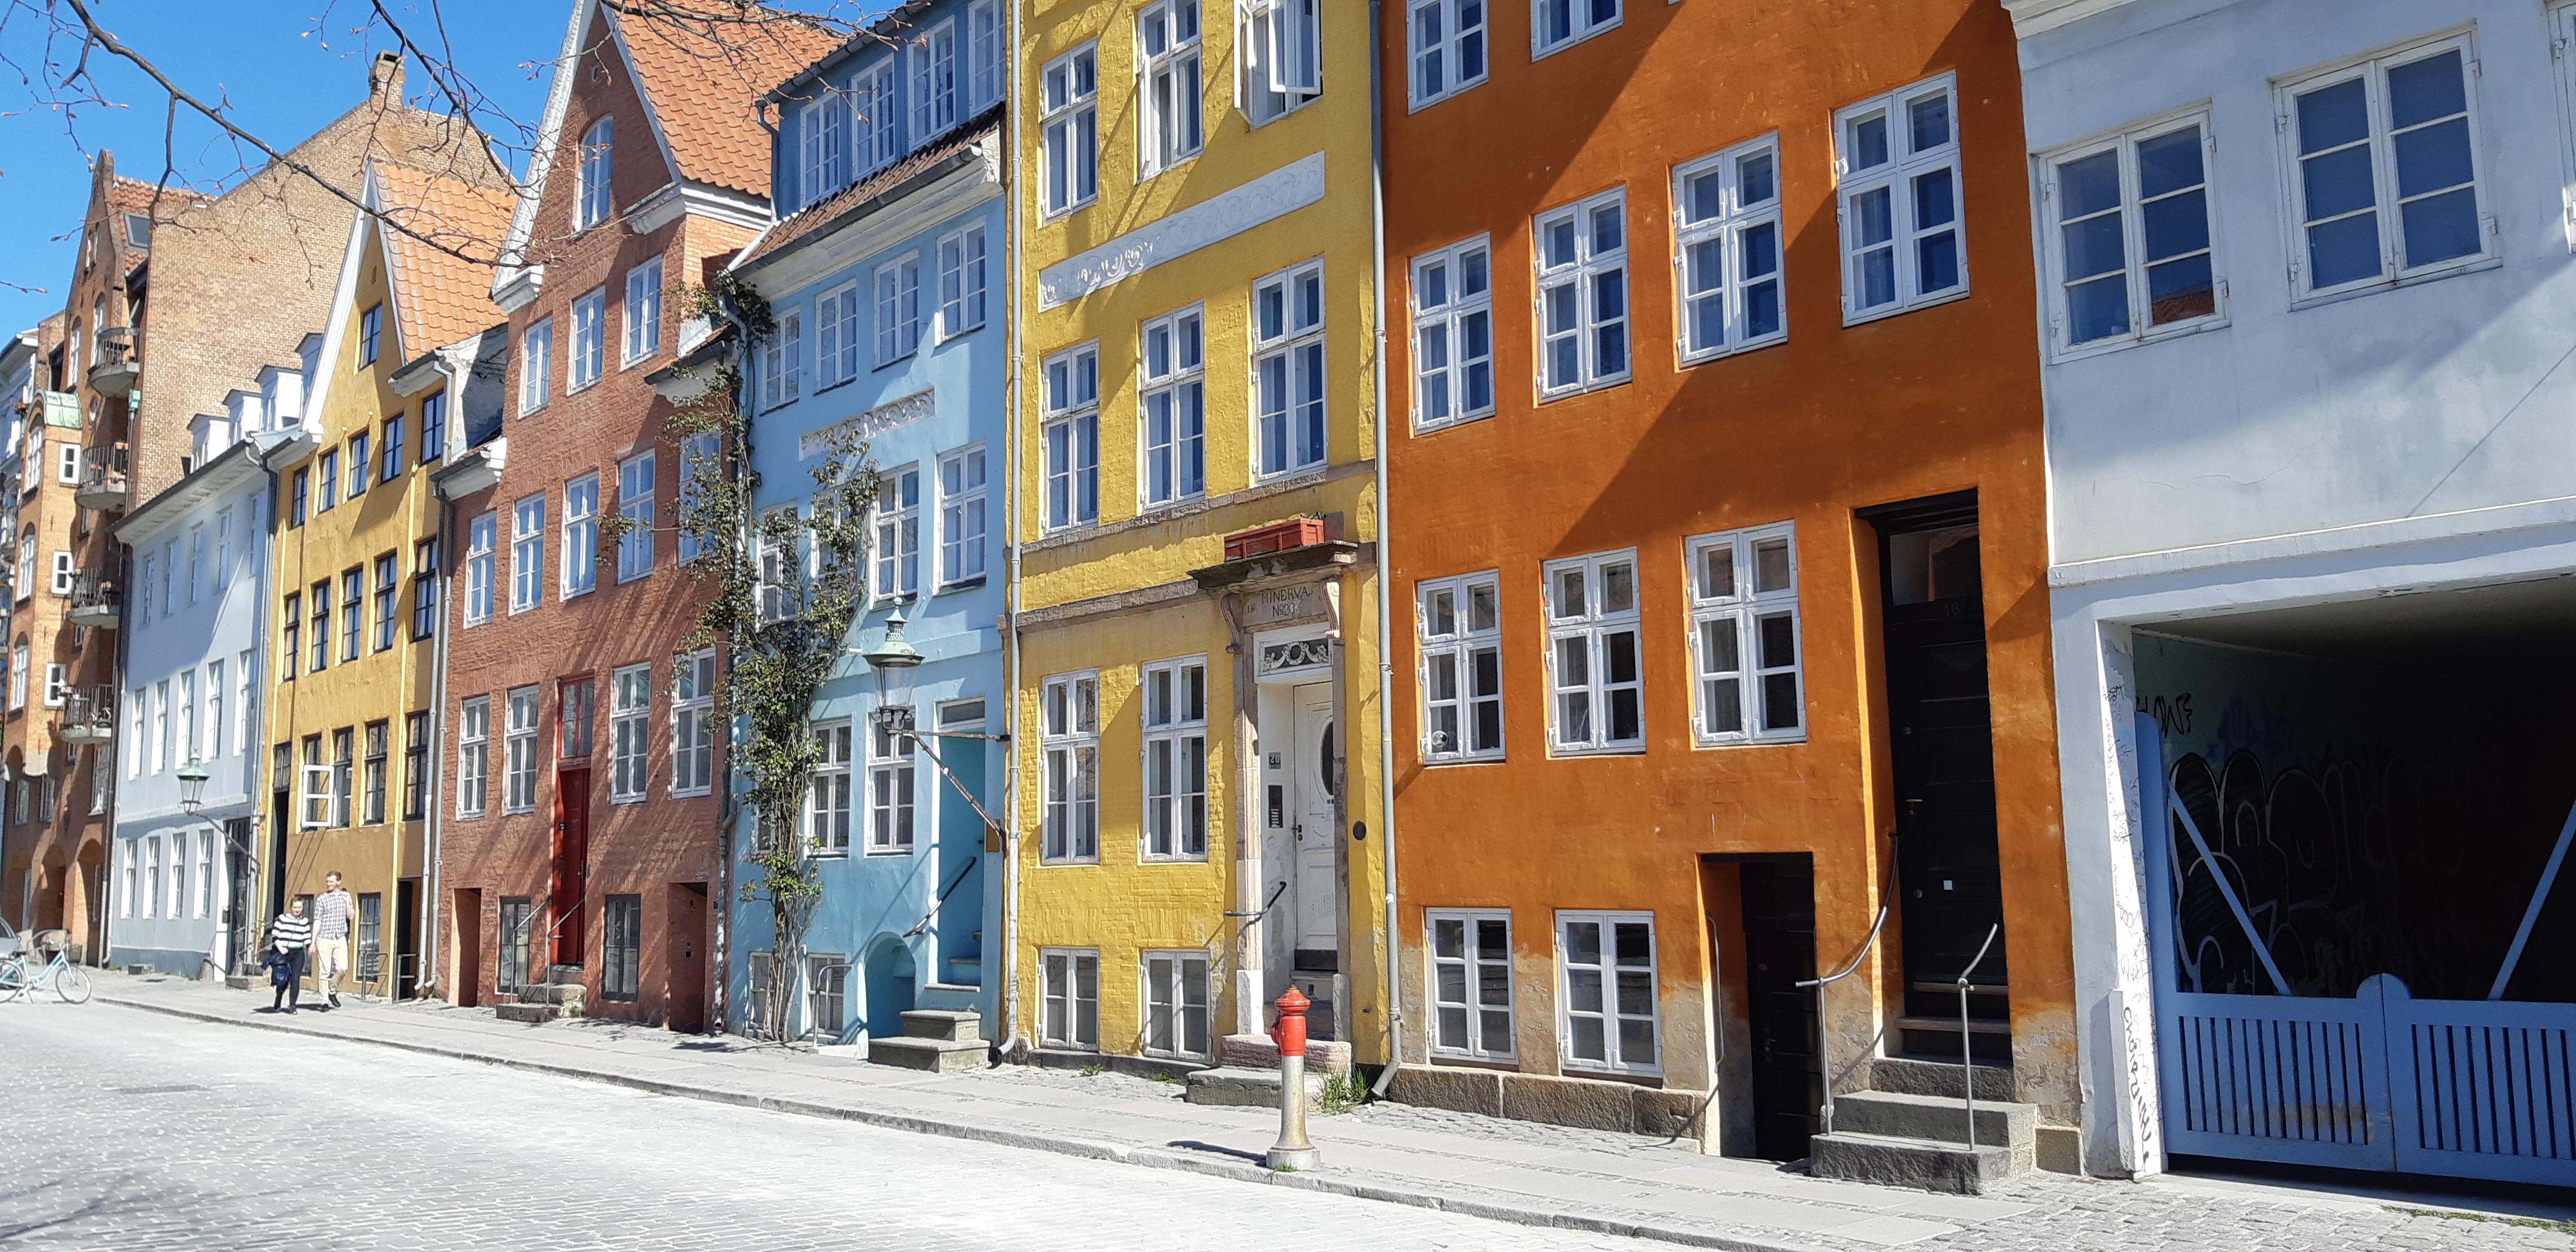 quartier de Christianhavn Copenhague